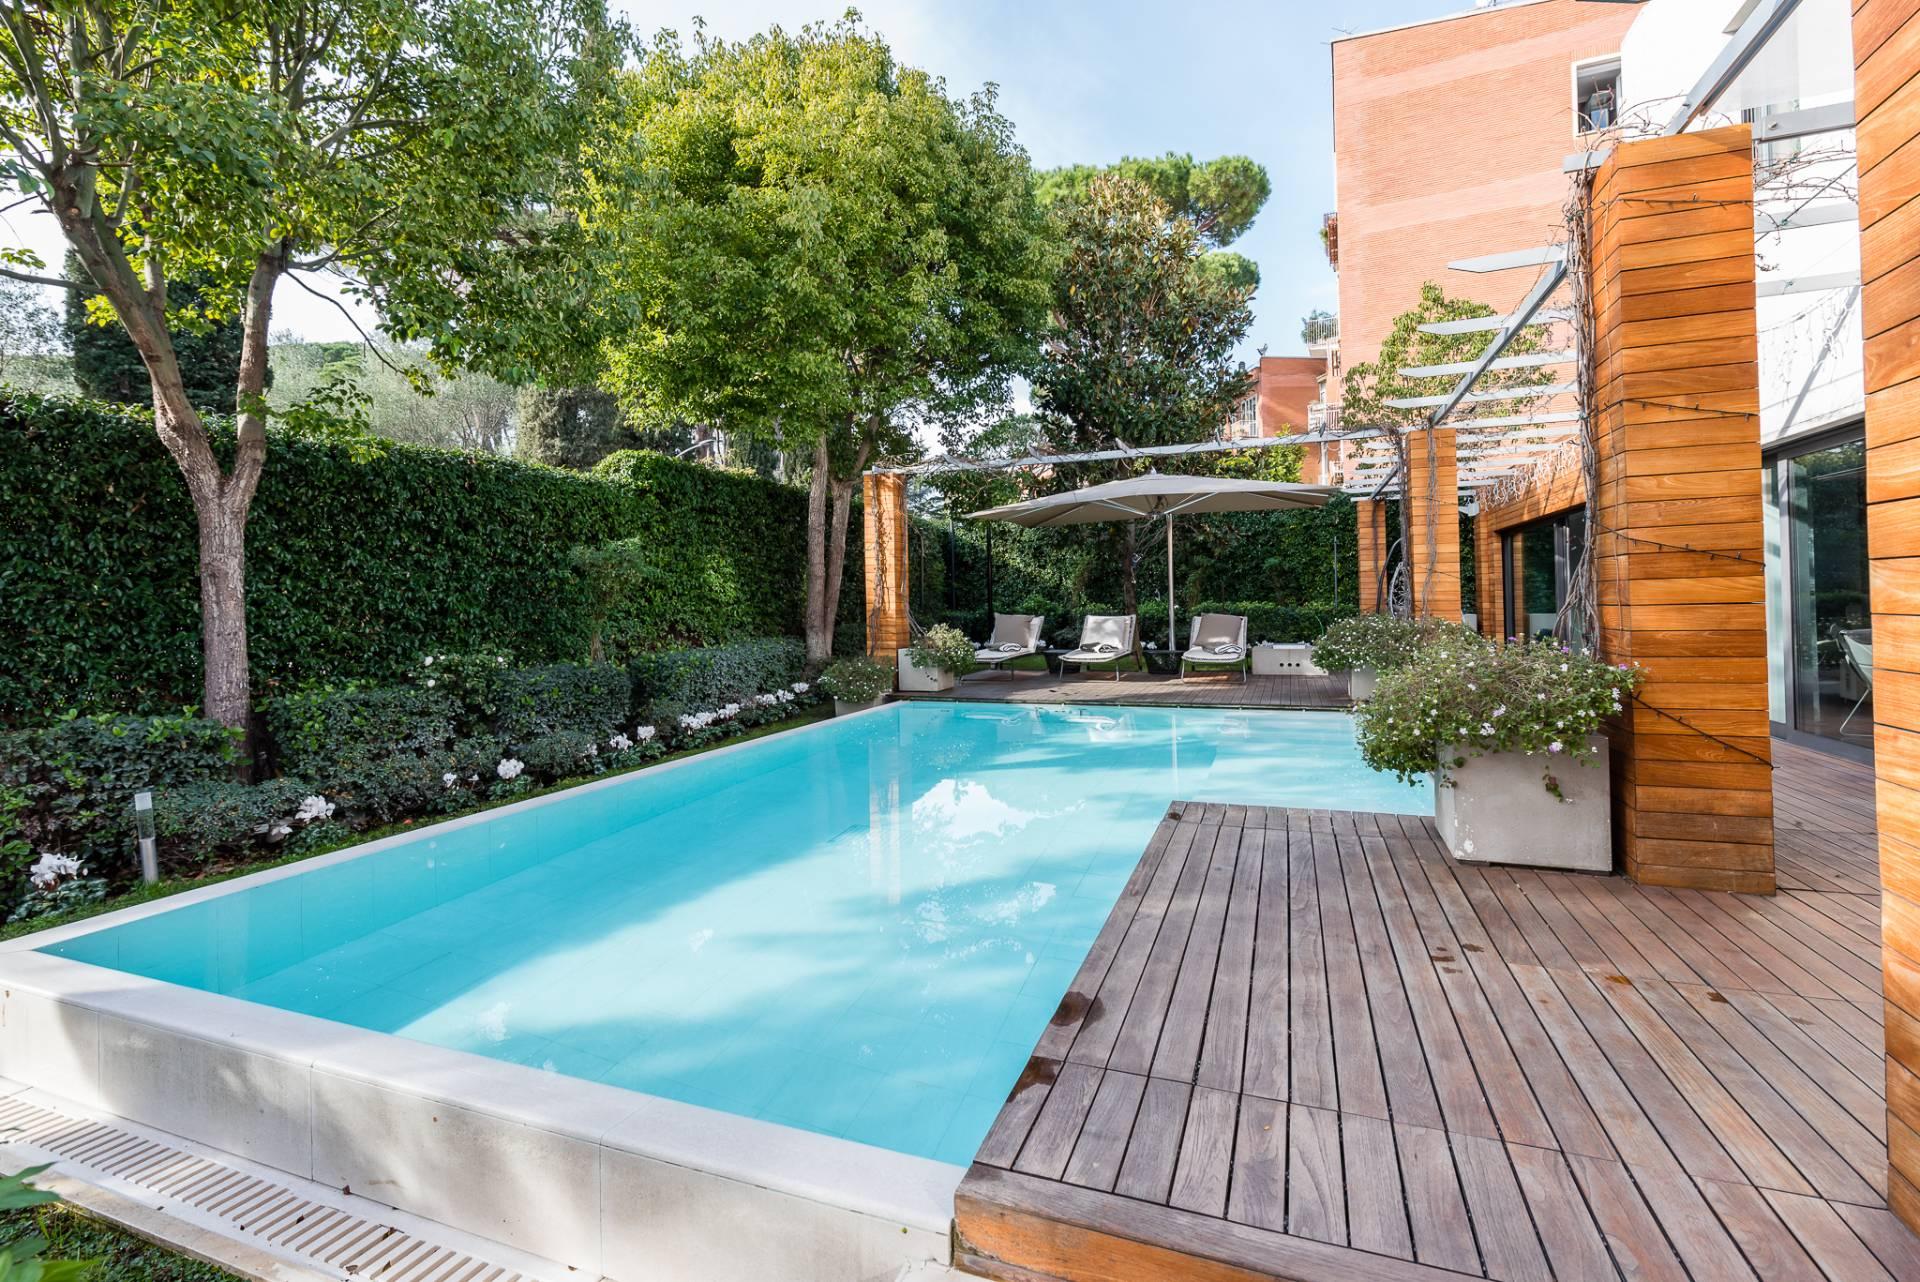 Villa in Vendita a Roma: 5 locali, 600 mq - Foto 3